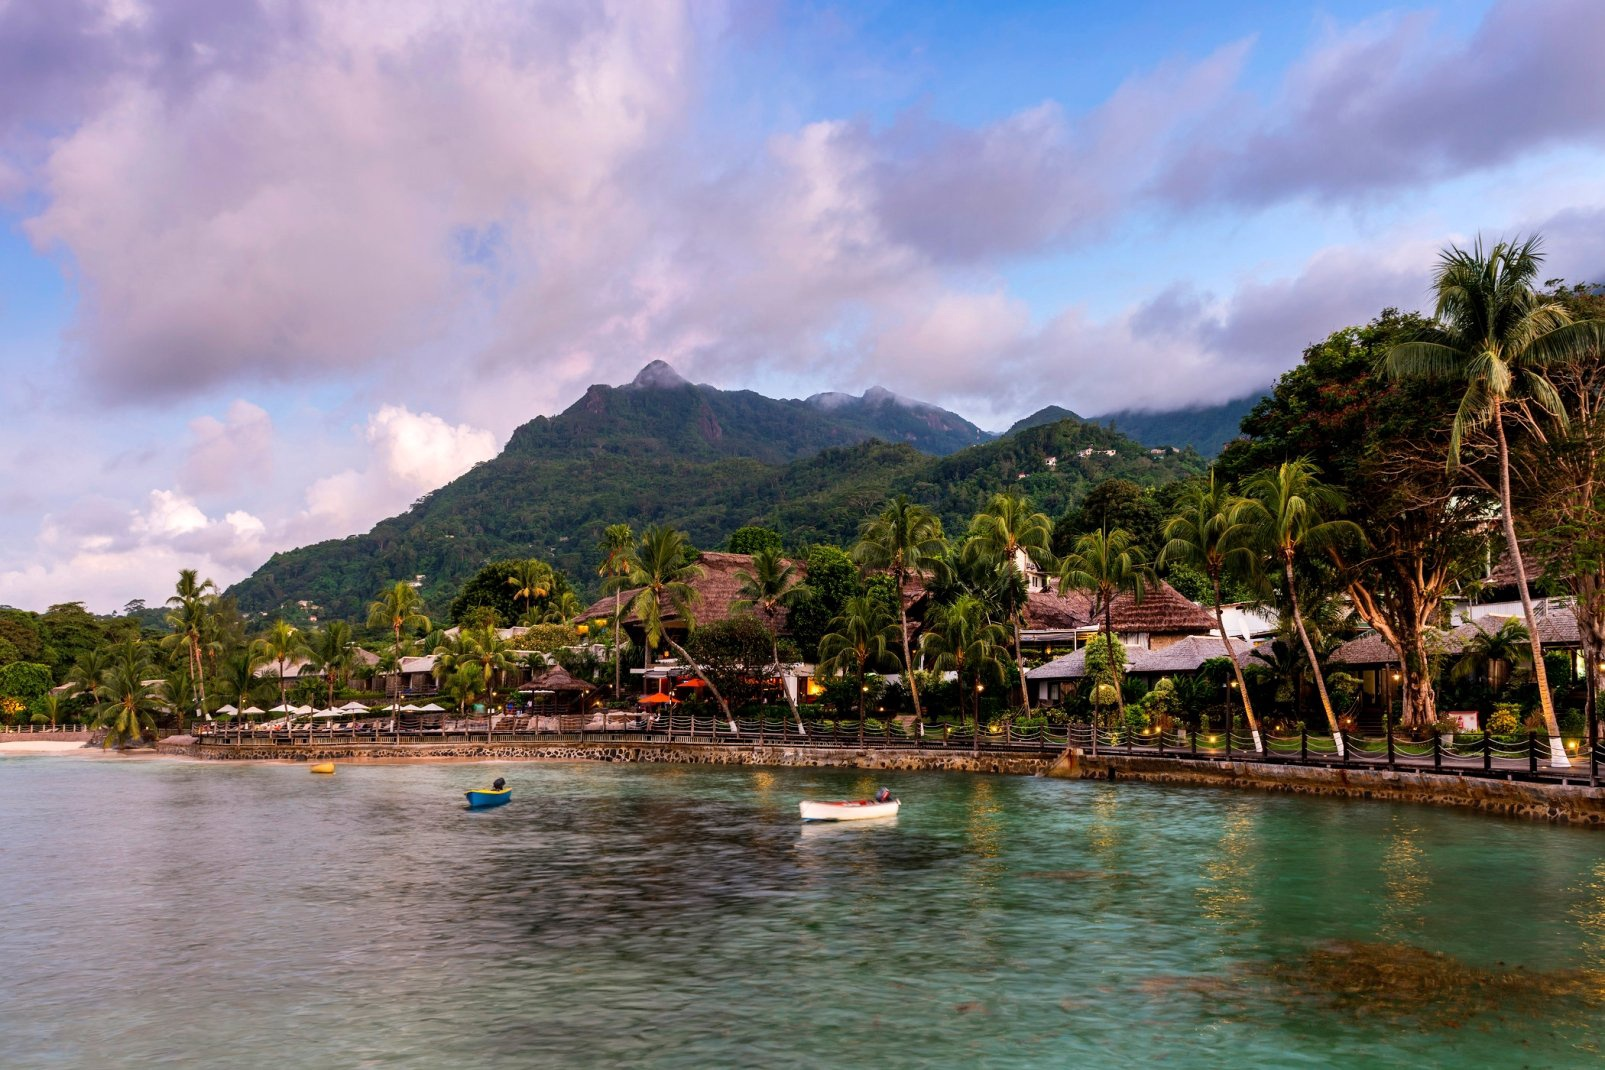 Combiné 2 Iles : Mahé + Praslin : Le Méridien Fisherman's Cove + Coco de Mer & Black Parrot Suites - 1